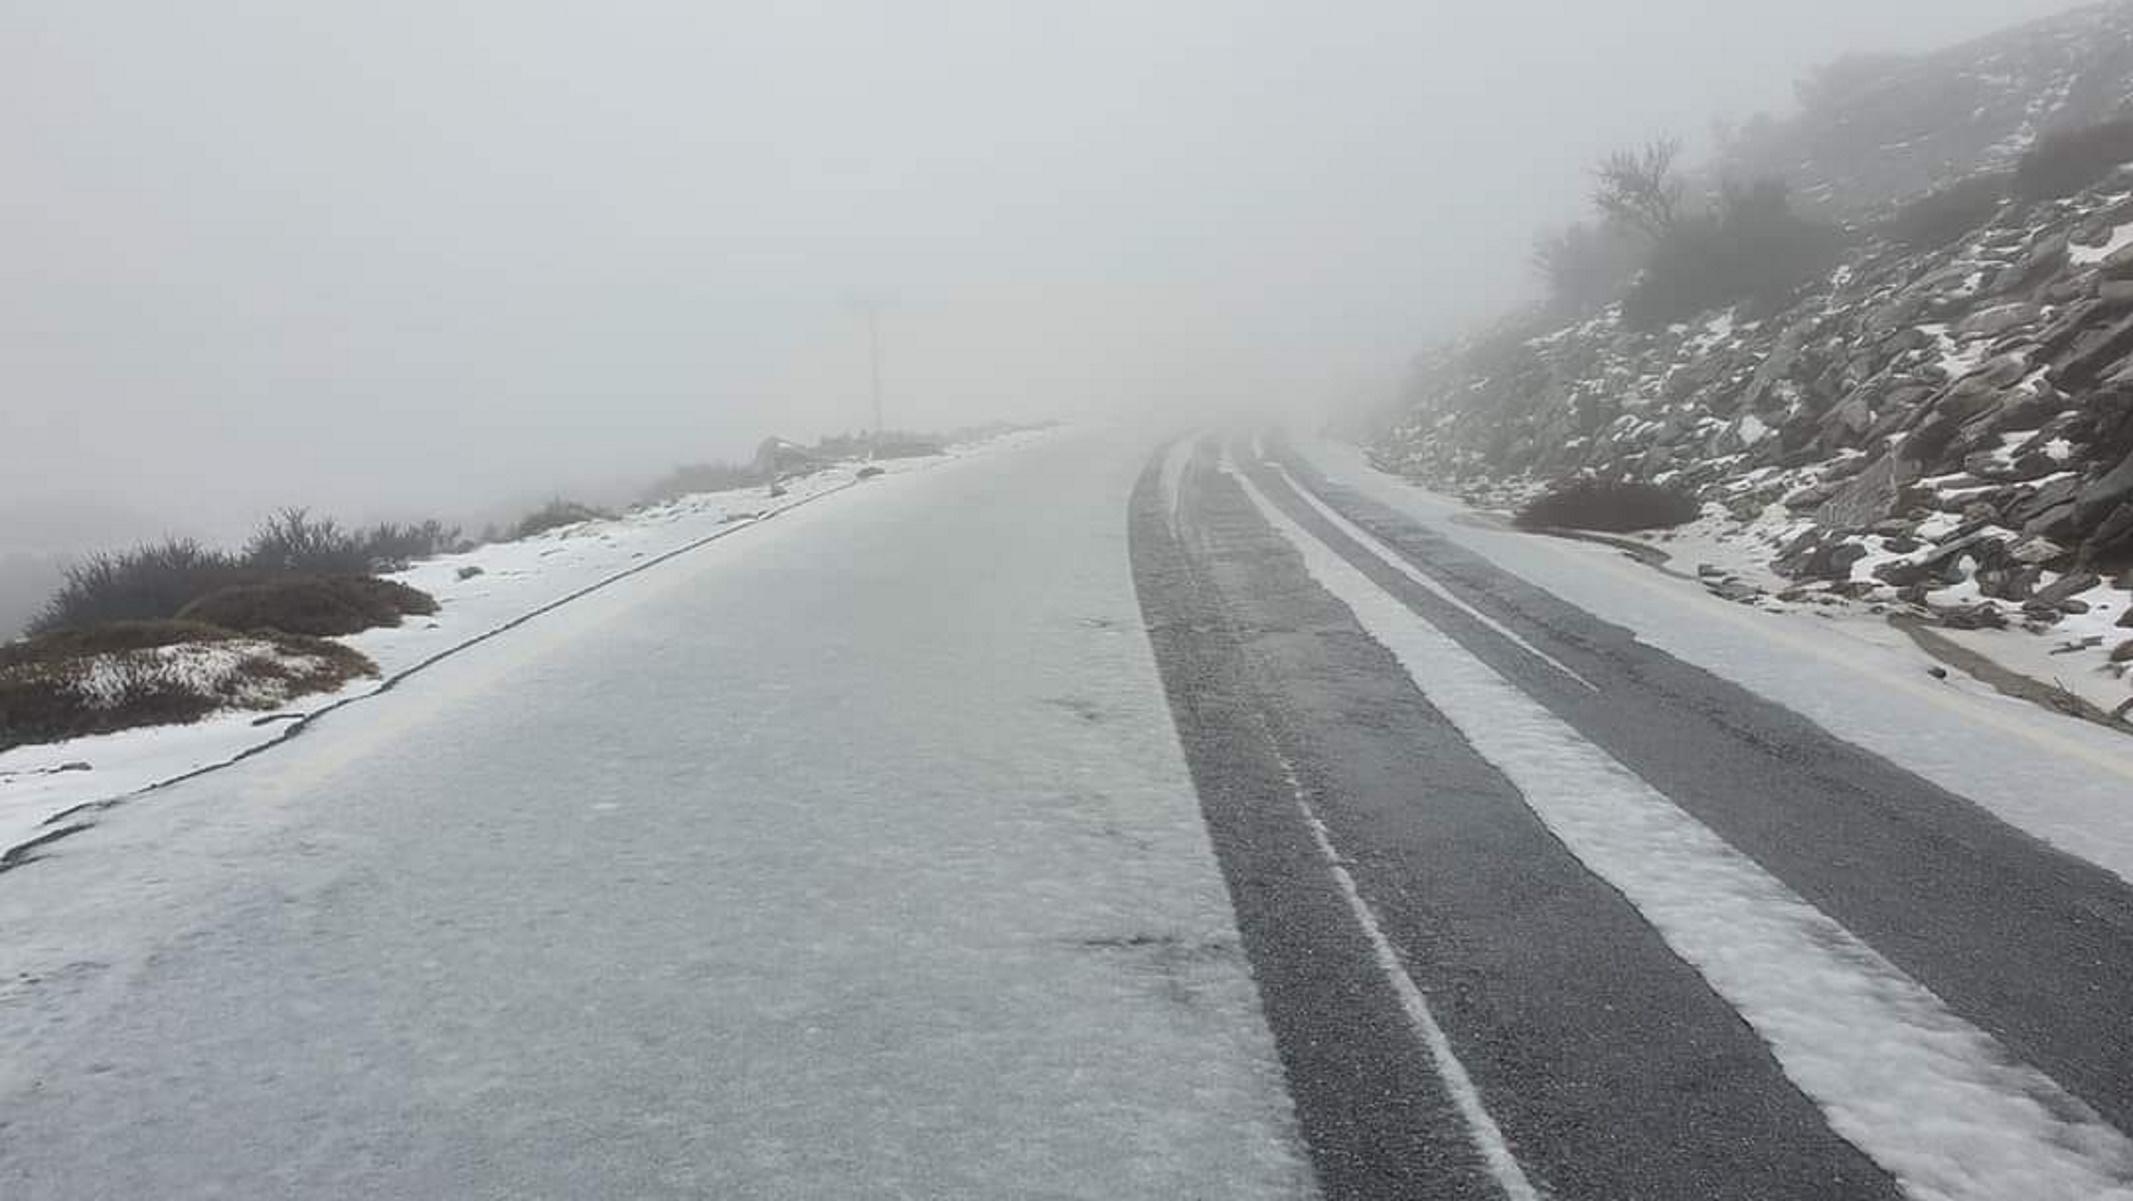 Καιρός: Τα απαραίτητα «αξεσουάρ» των οδηγών στο χιόνι – Από αλυσίδες μέχρι… ζεστό καφέ